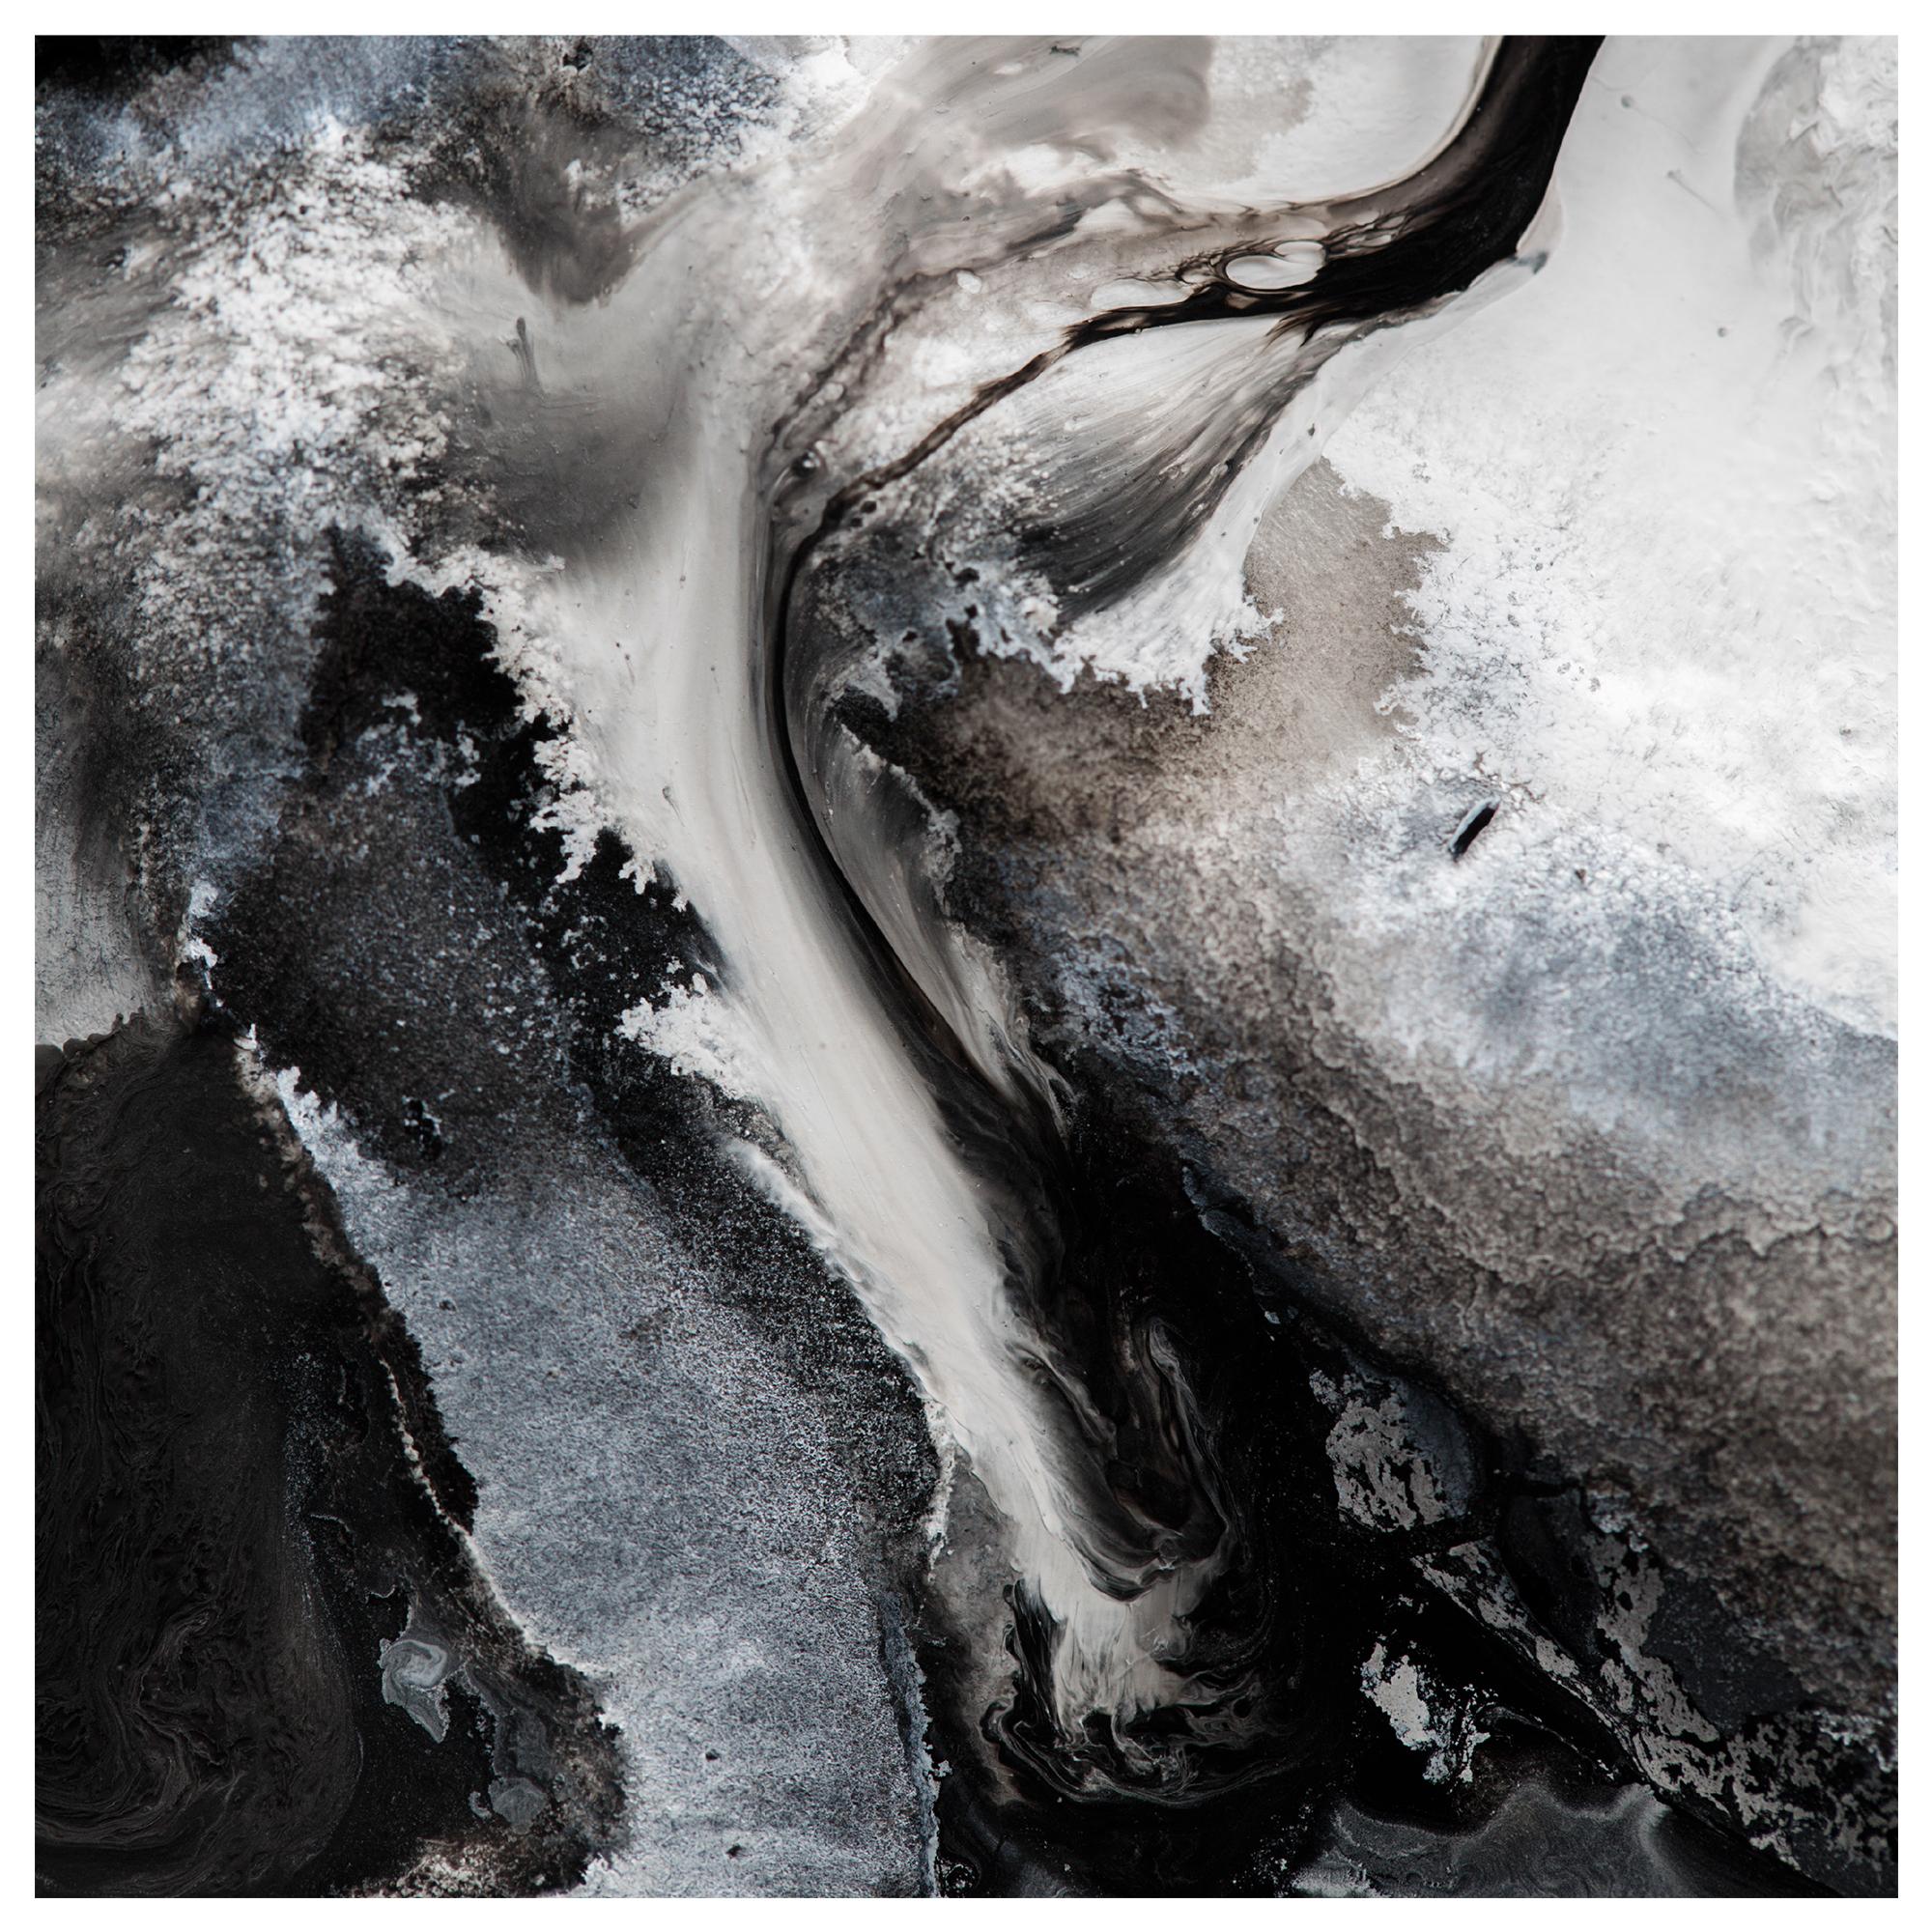 Heiress (Vinyl - second pressing) - Novo Amor & Ed Tullett